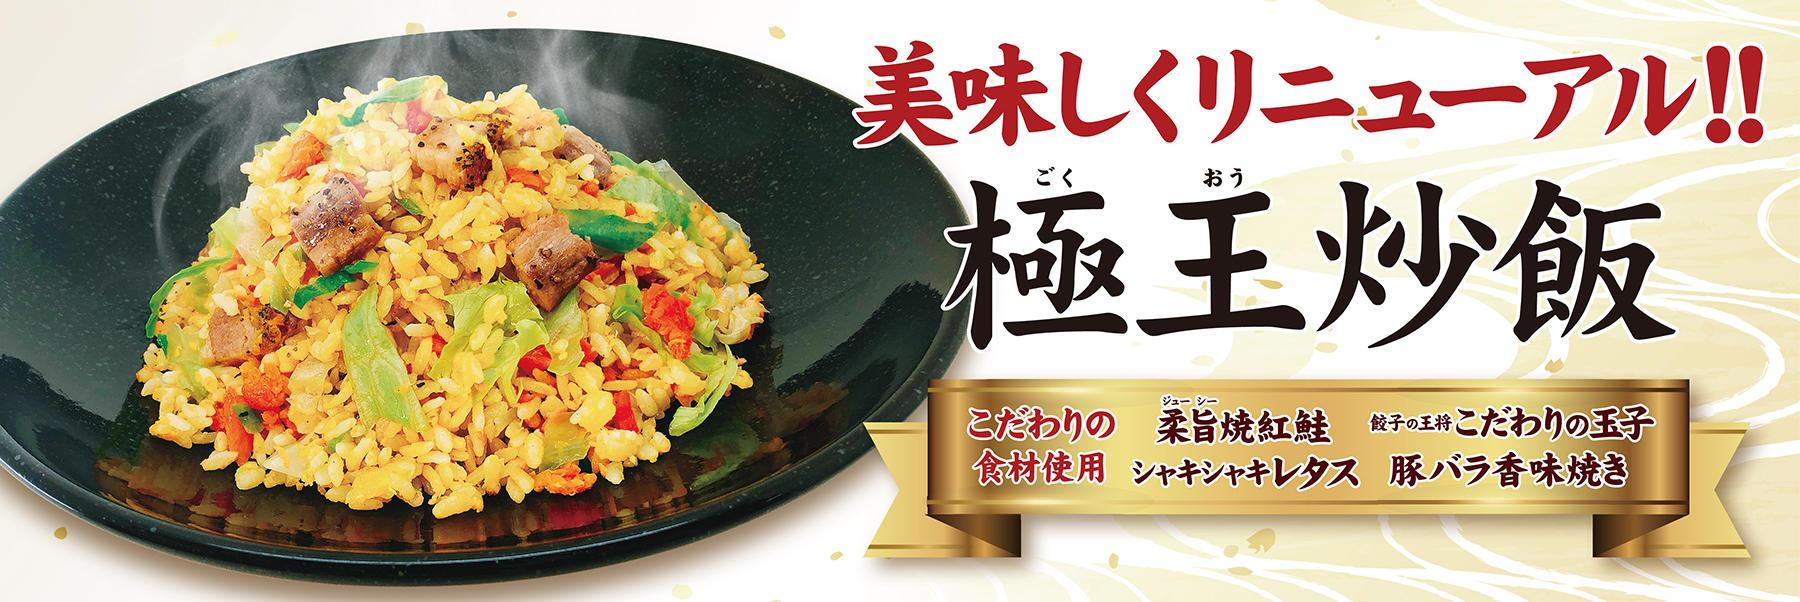 gokuochahaninfo.jpg